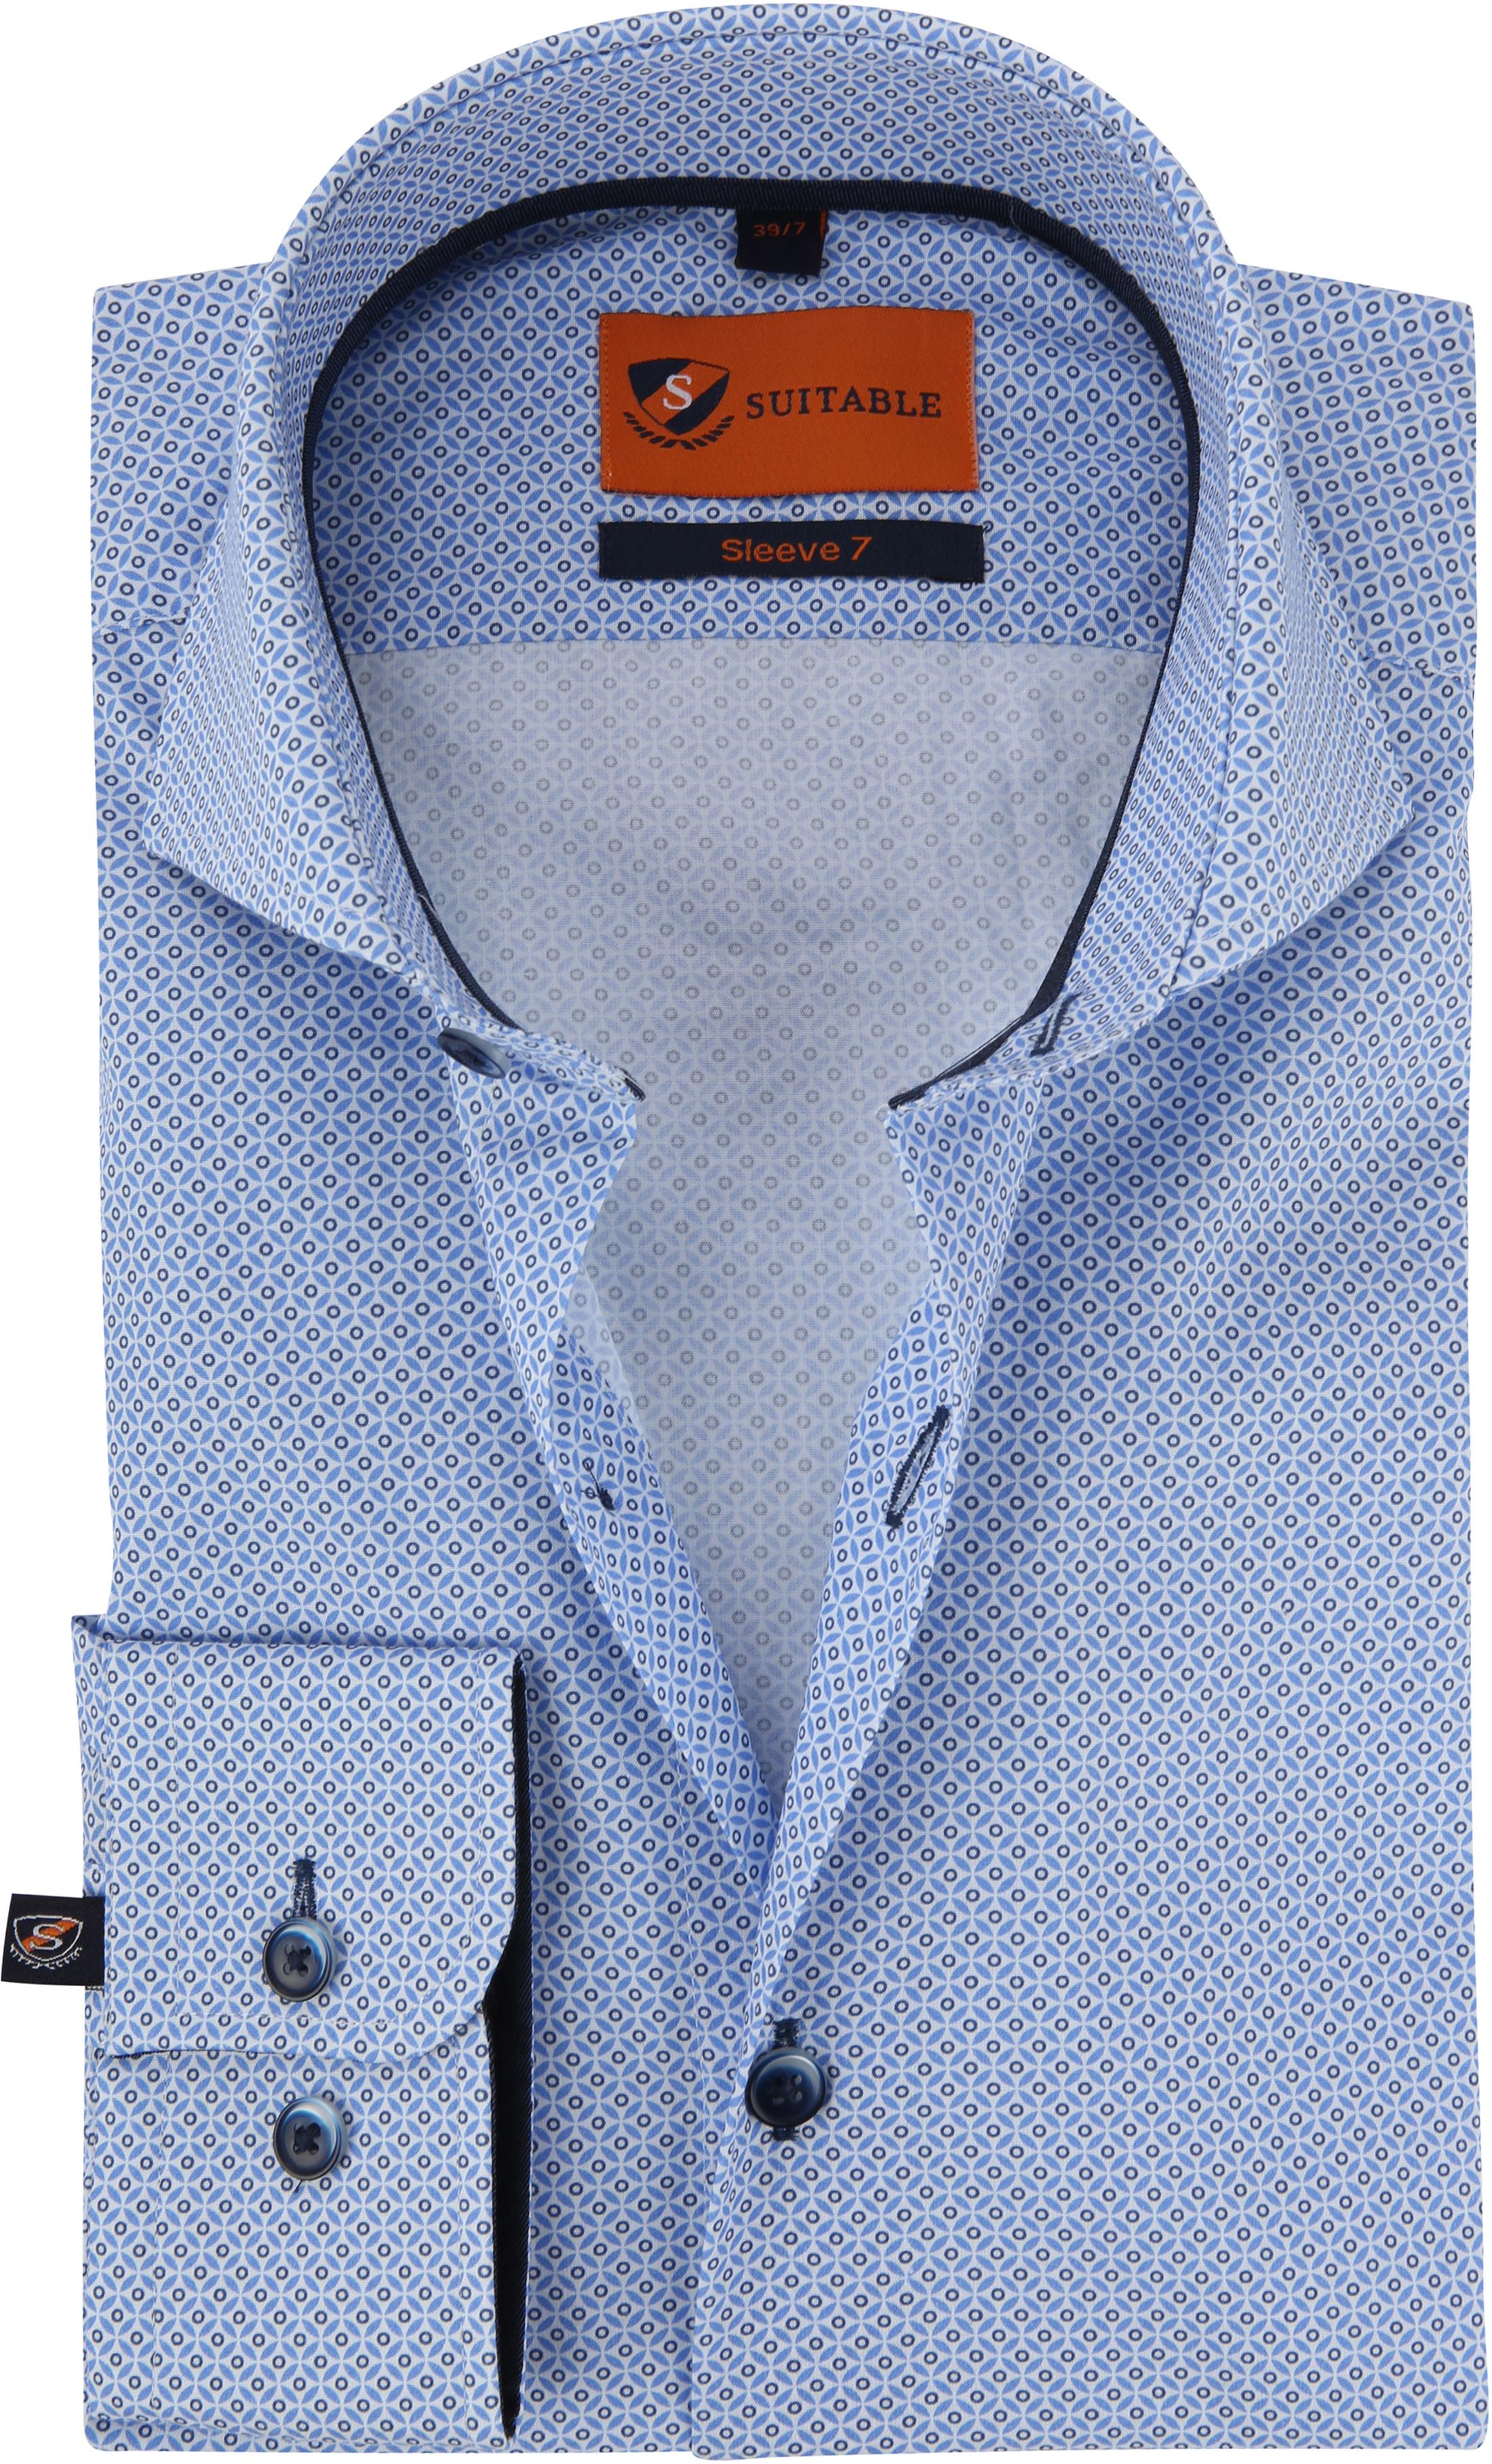 Suitable Shirt SL7 Blue foto 0